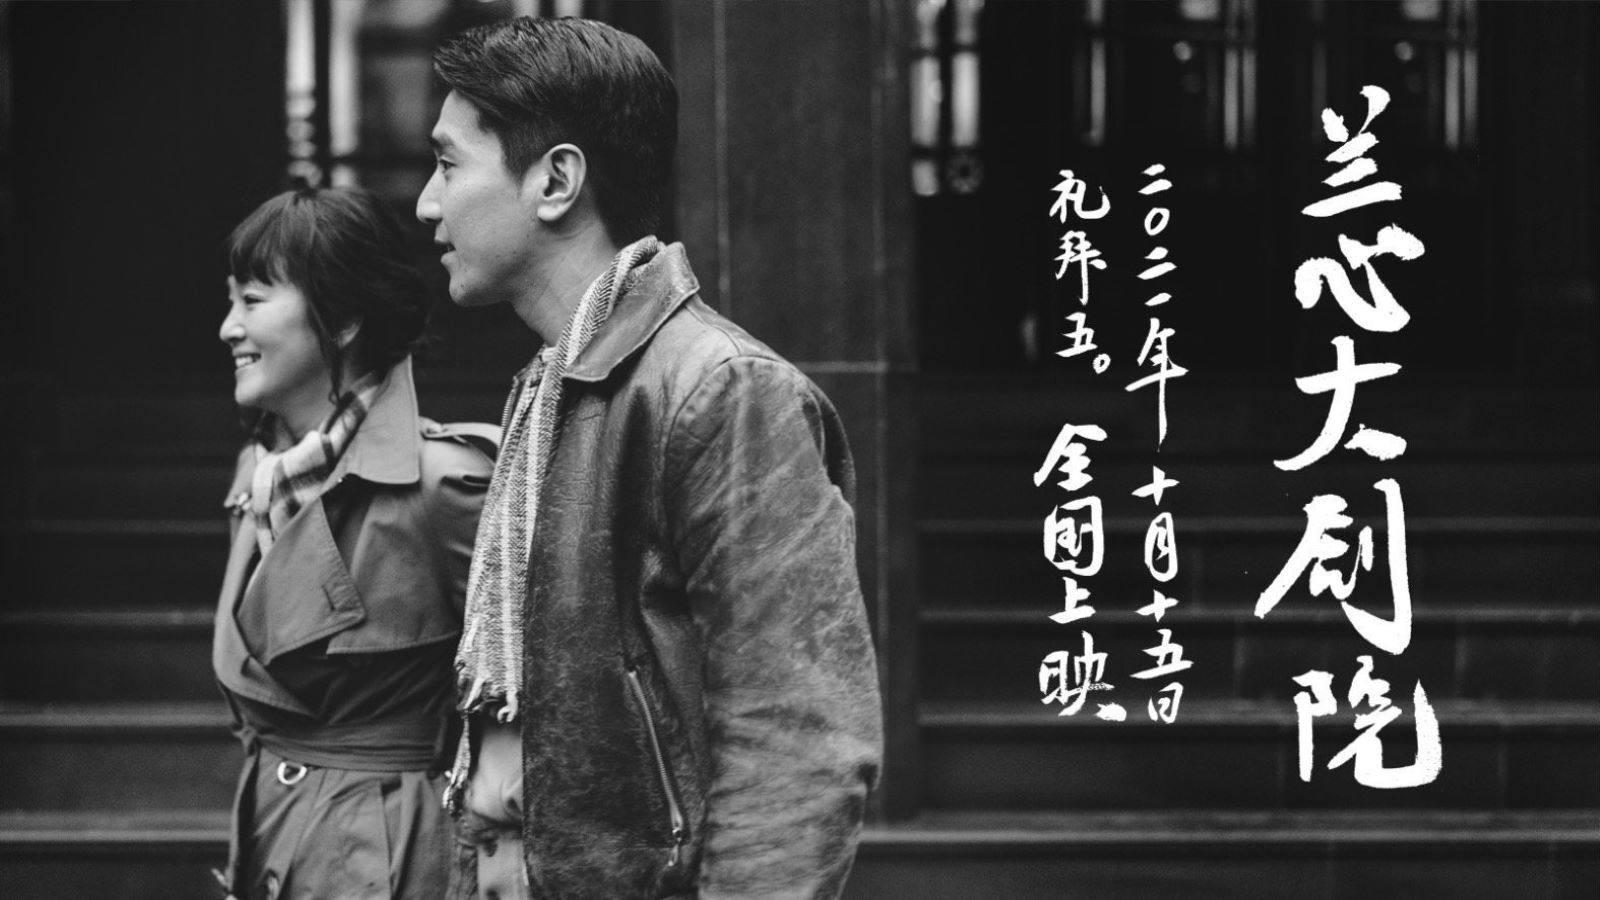 巩俐、赵又廷、小田切让主演,娄烨电影《兰心大剧院》发布终极预告